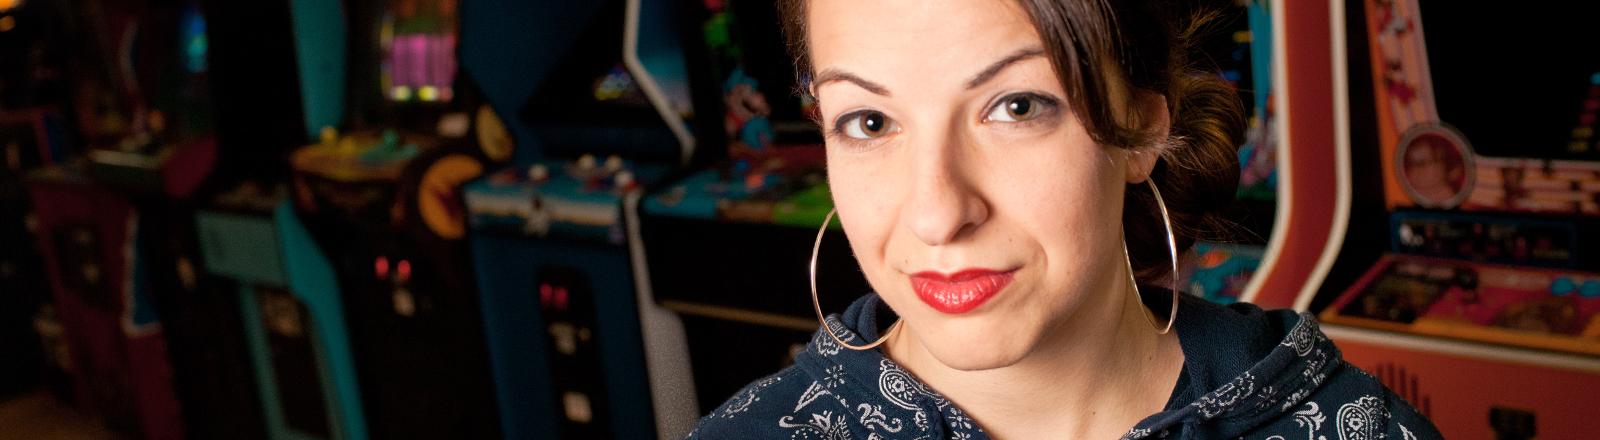 Die Feministin Anita Sarkeesian auf einem Pressefoto vor Spielautomaten.